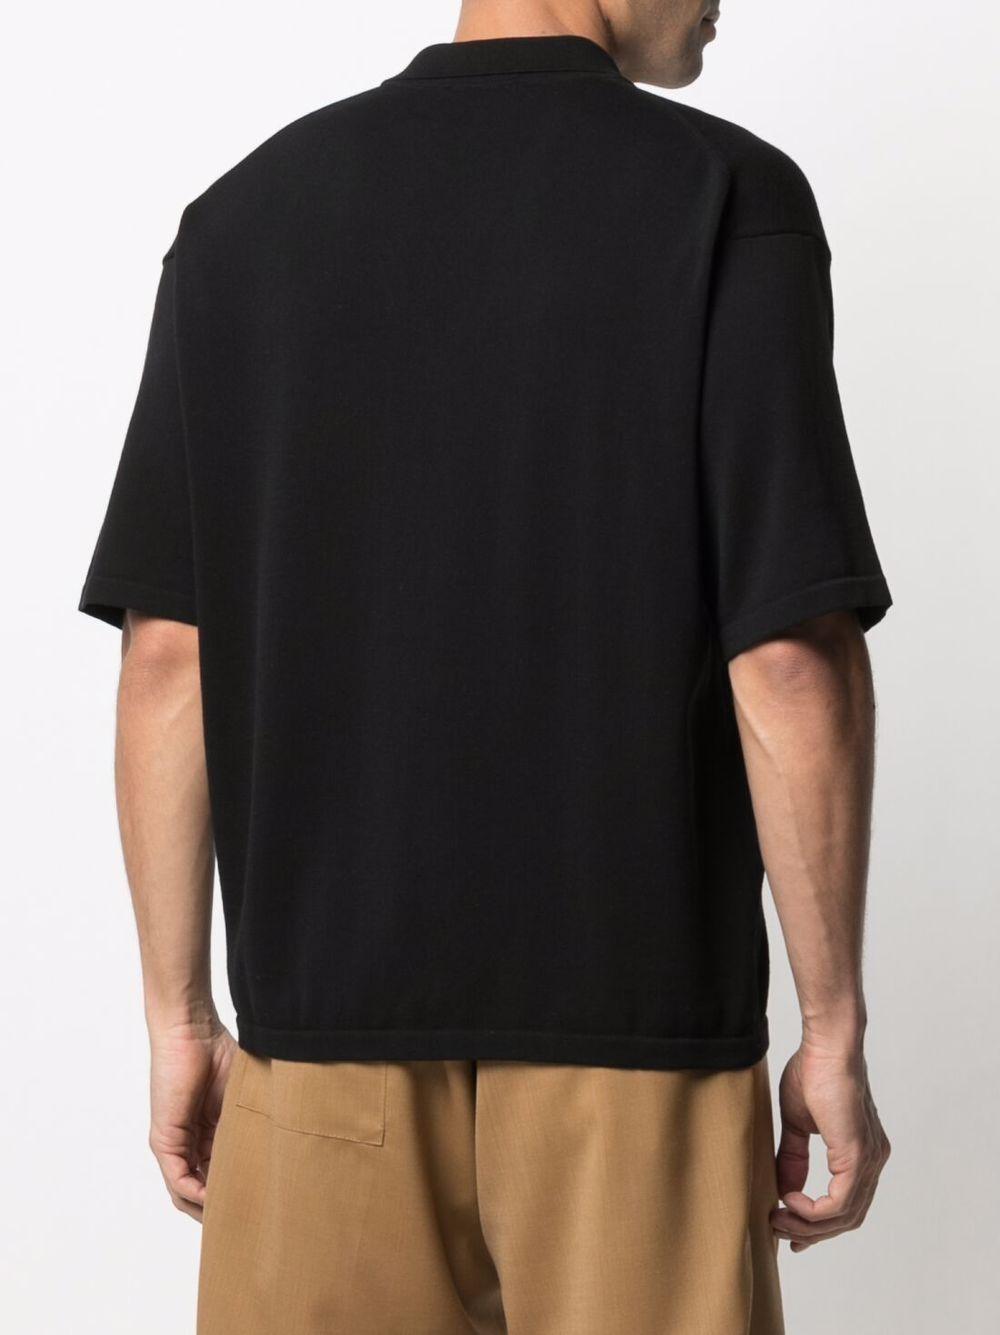 Camicia a maniche corte con colletto dentellato in cotone nero ROBERTO COLLINA | Cardigan | RE1112509